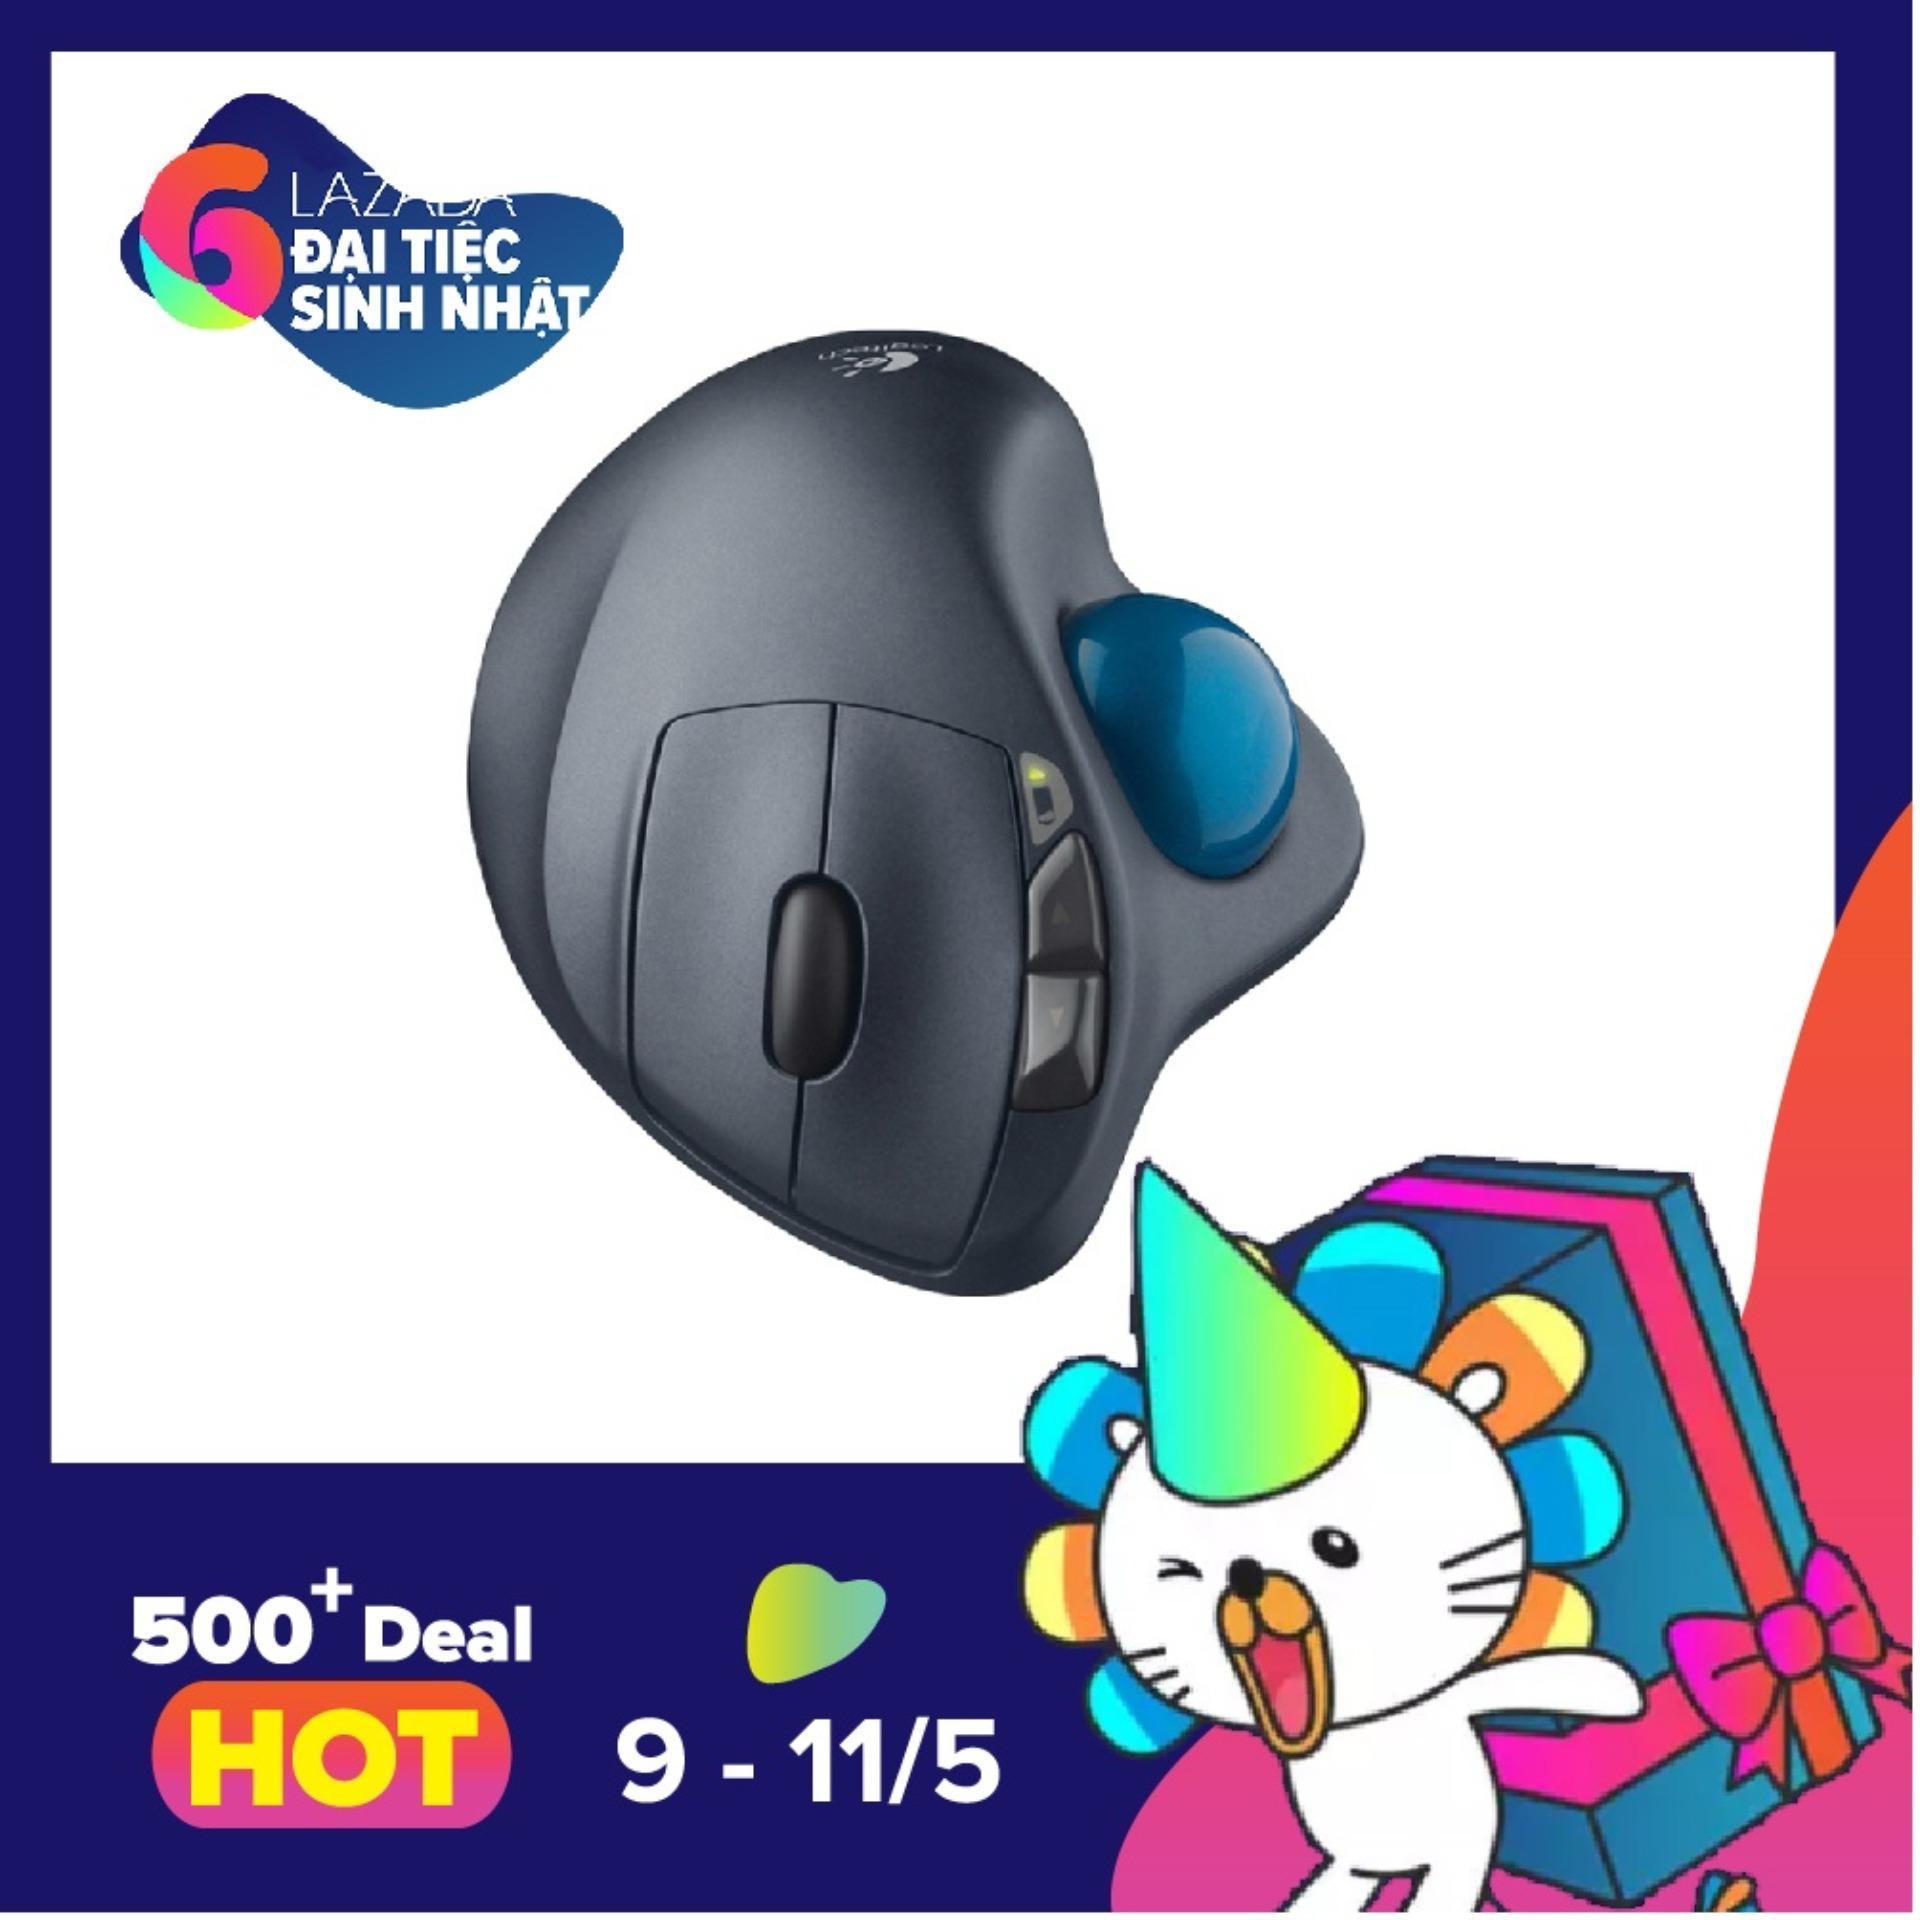 Bán Chuột Laser Khong Day Logitech Trackball M570 Đen Logitech Có Thương Hiệu